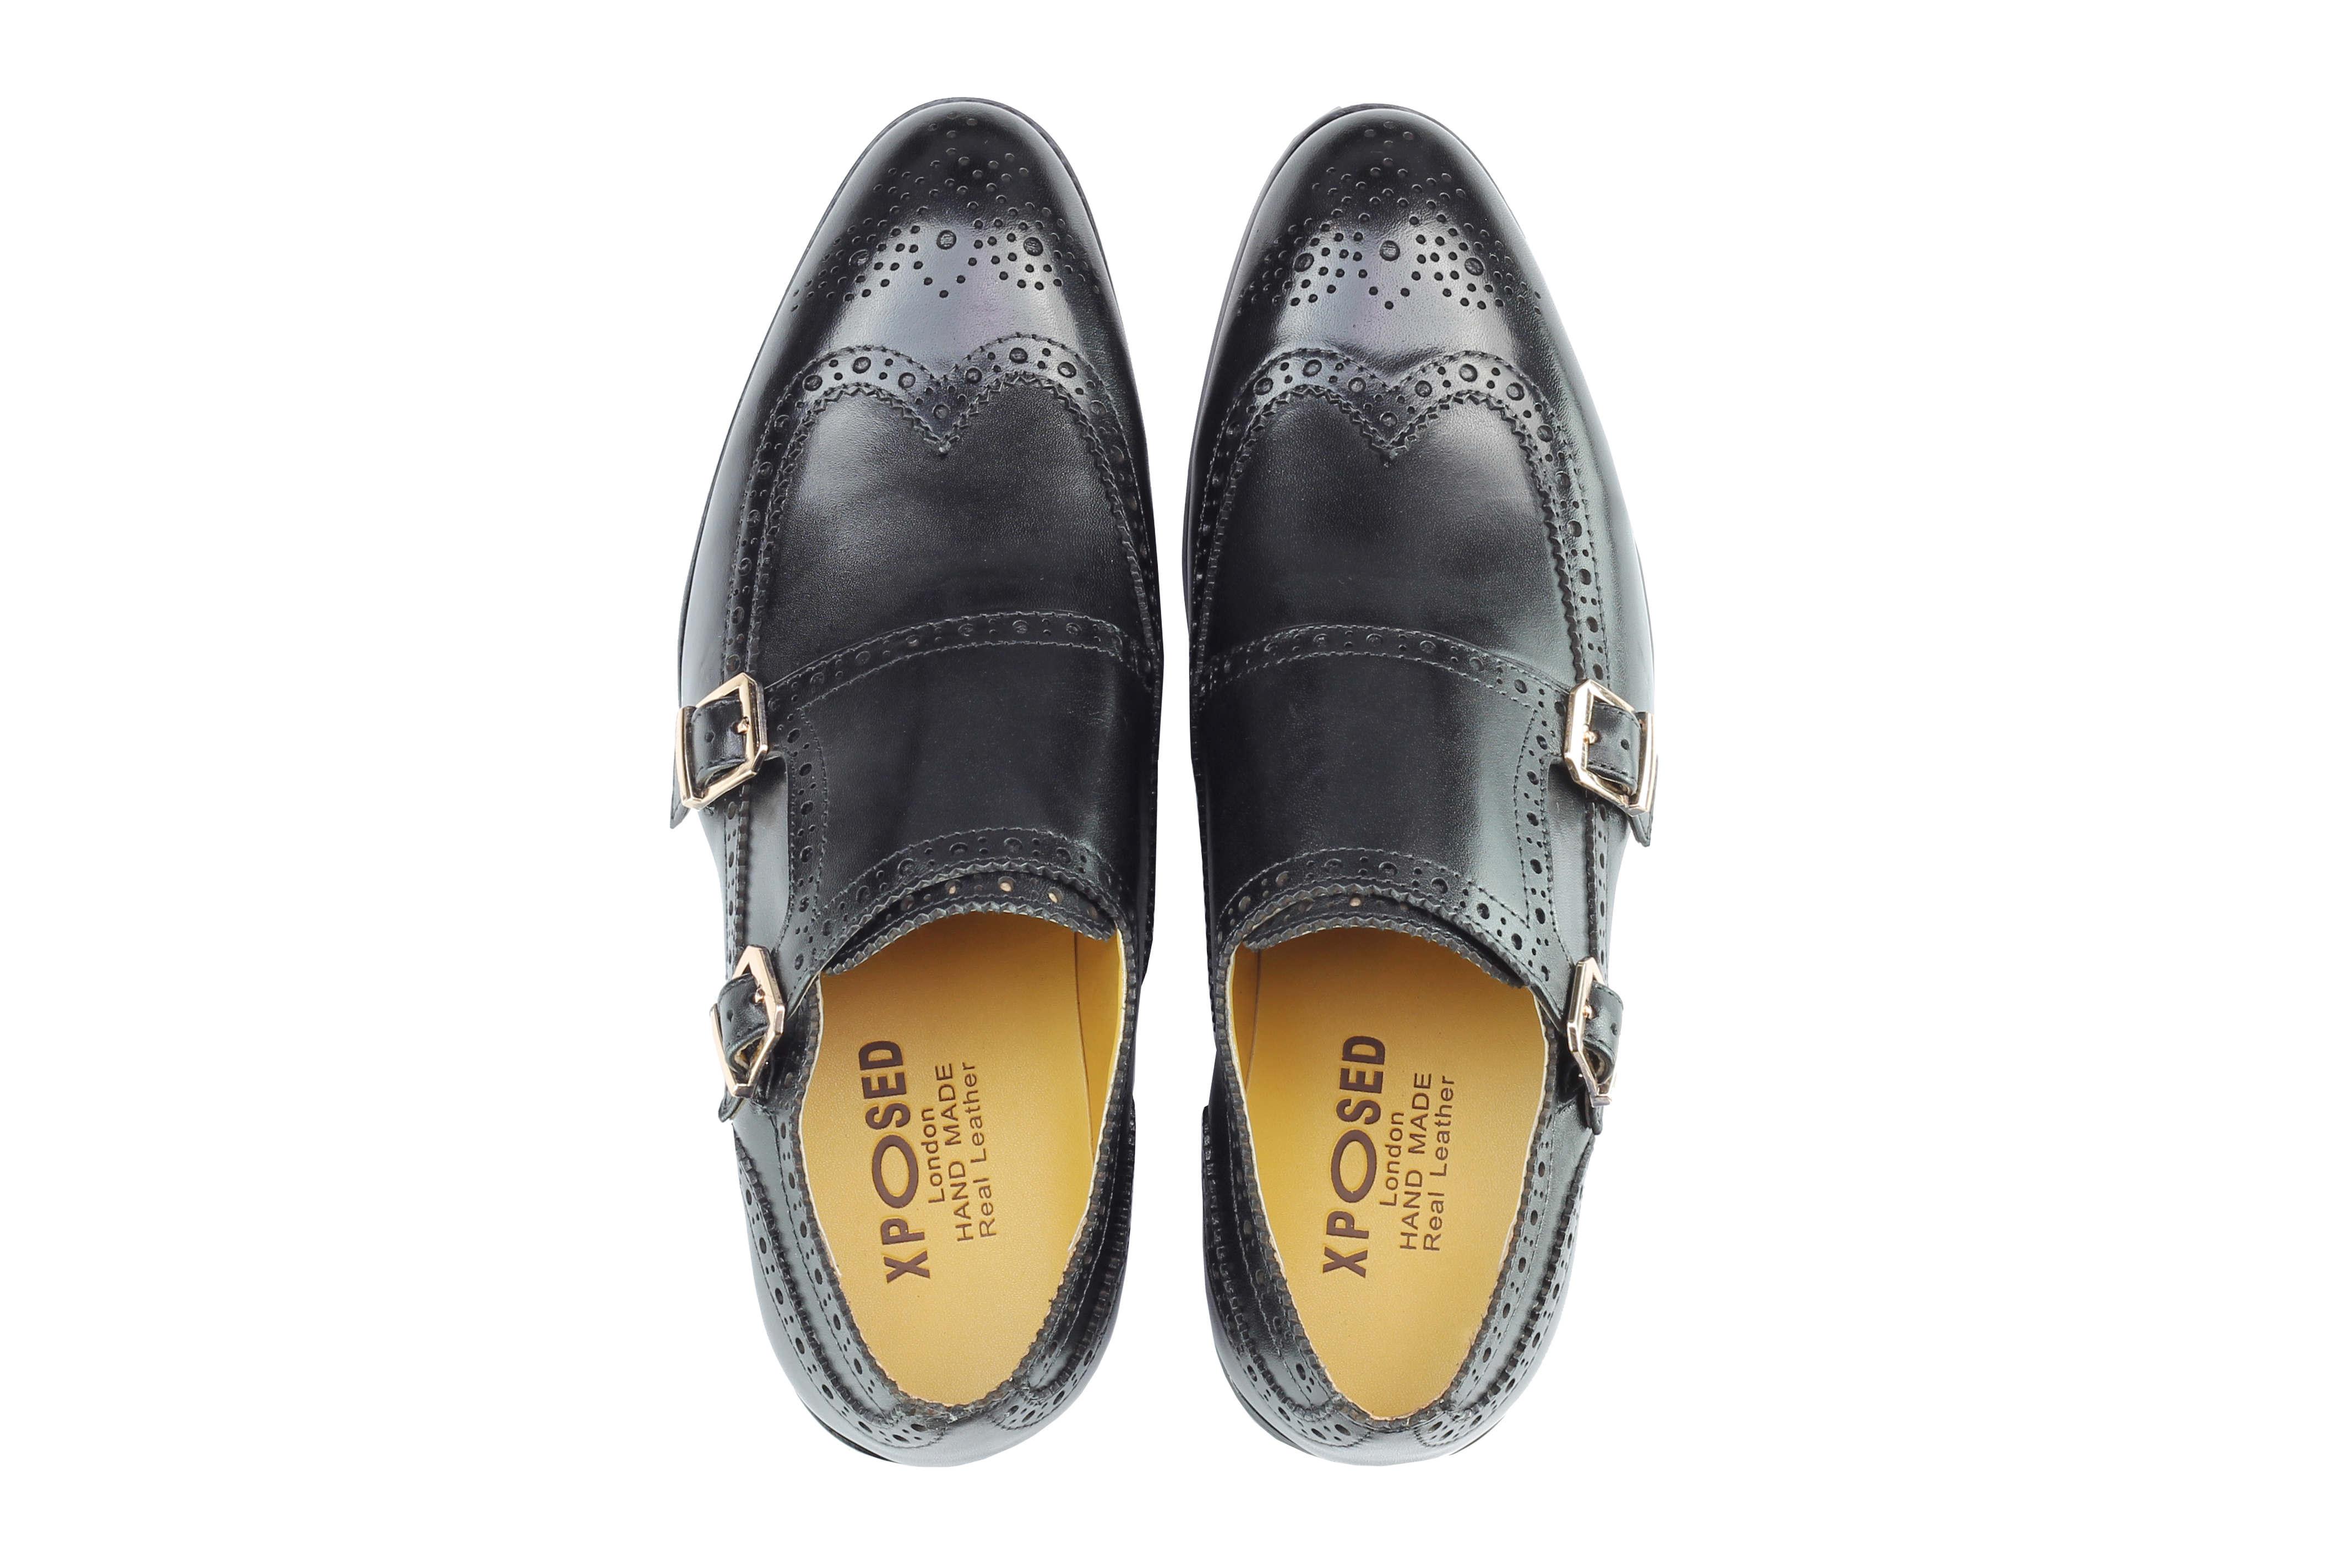 Vintage-pour-homme-Noir-Marron-En-Cuir-Veritable-Richelieu-a-Moine-Chaussures-elegant-Formel-Lacet miniature 8